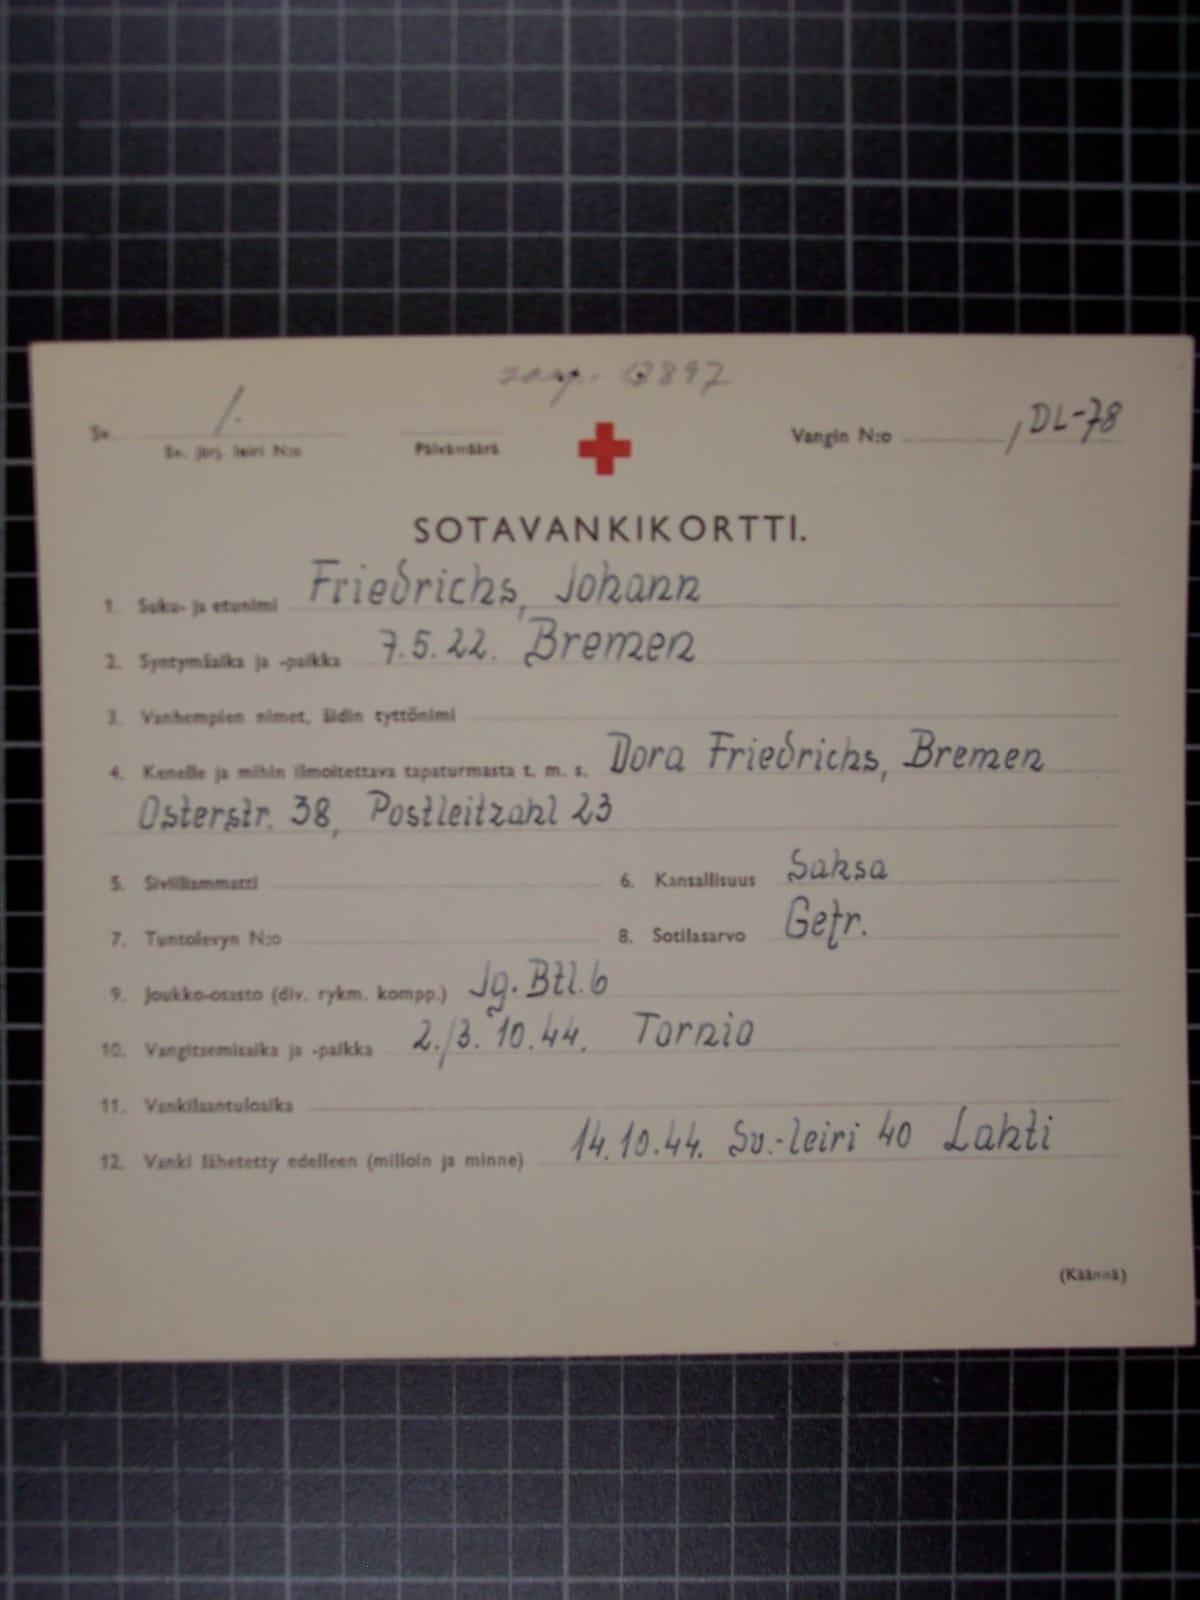 Hollantilaisen Johan Friedrichsin sotavankikortti. Täytetty 30.10.1944. Kortti on kuvitusta Paapeli 1944-kirjassa.